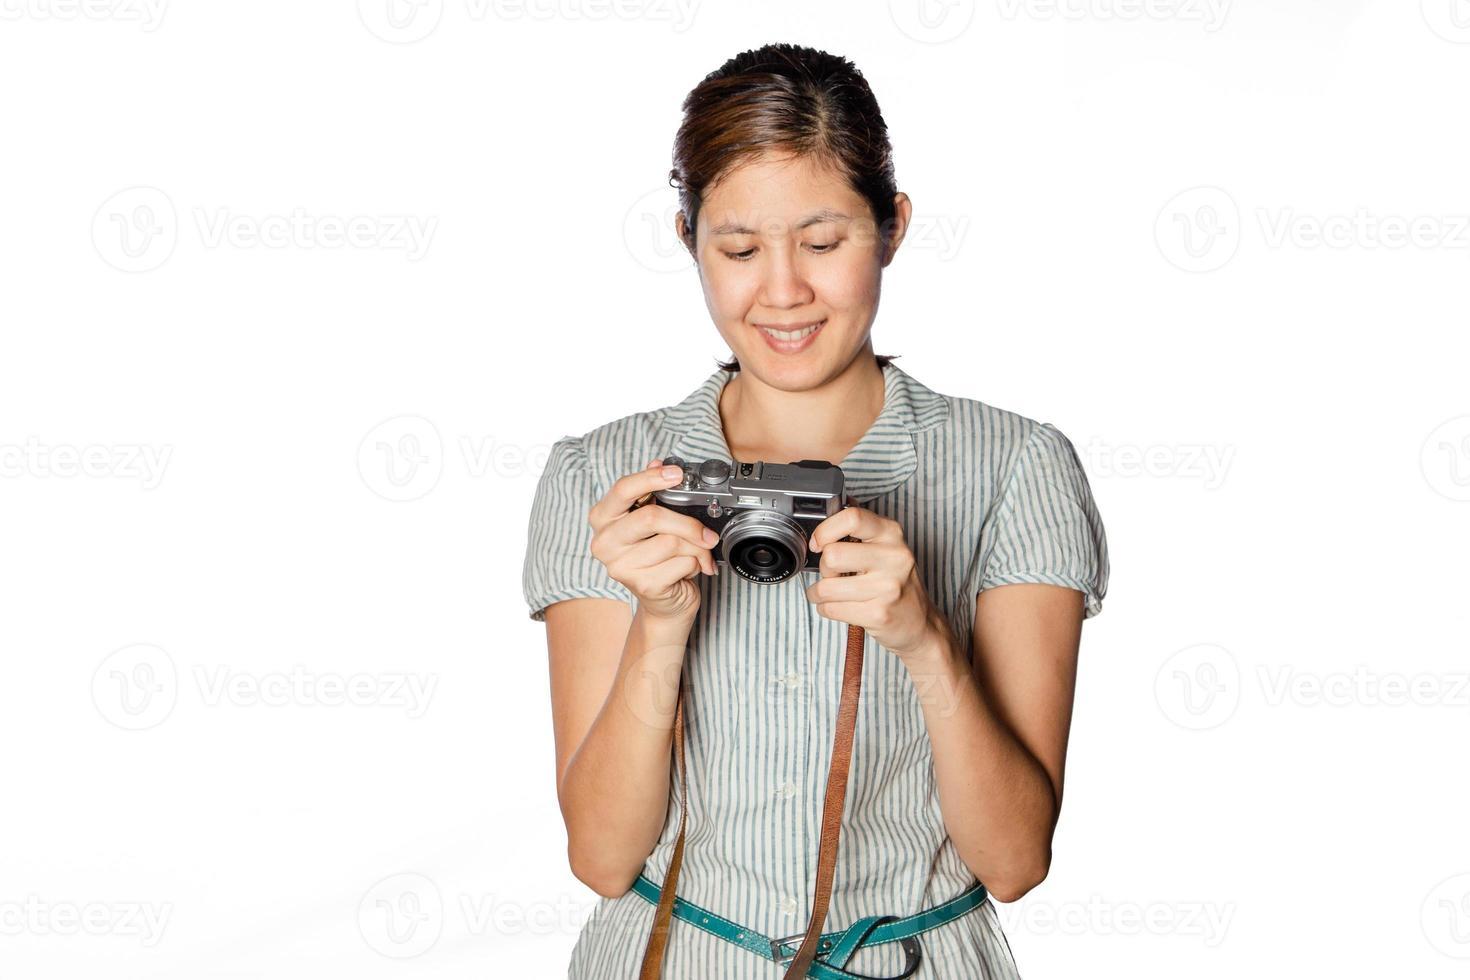 fotógrafo de mujer asiática foto